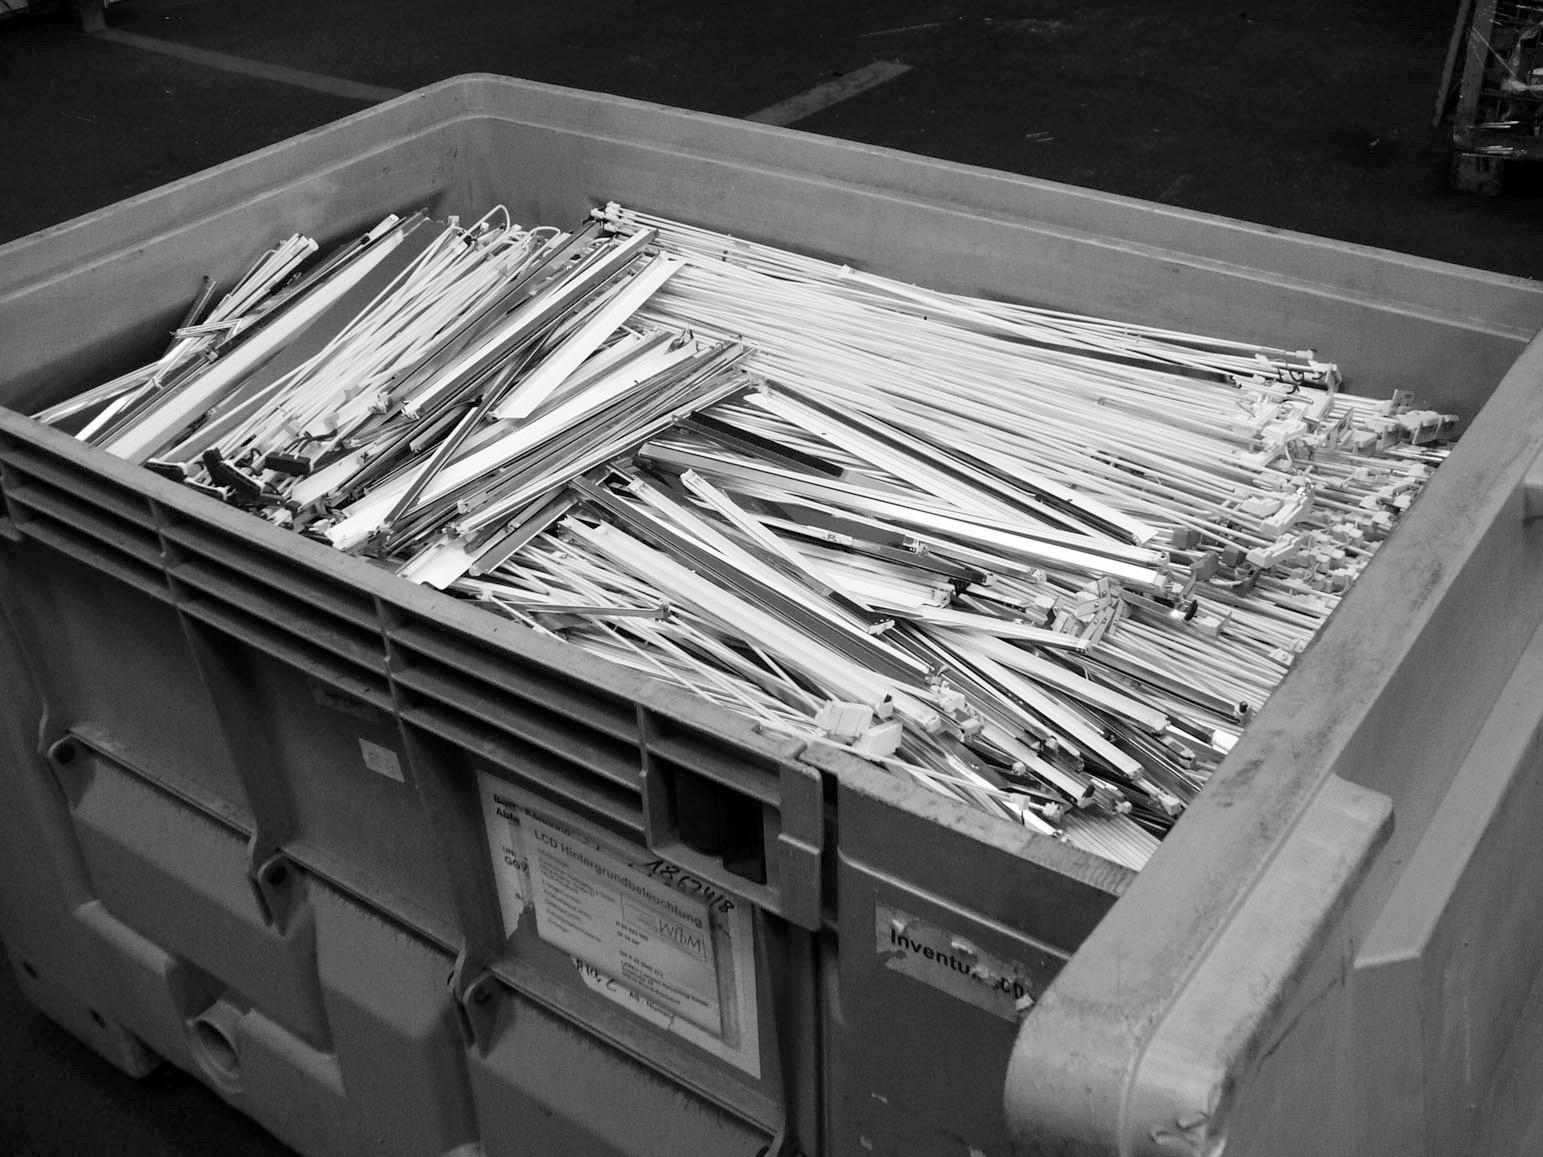 Bild 3. Sammelbehälter für unbeschädigt ausgebaute Röhrchen. Quelle: BGW